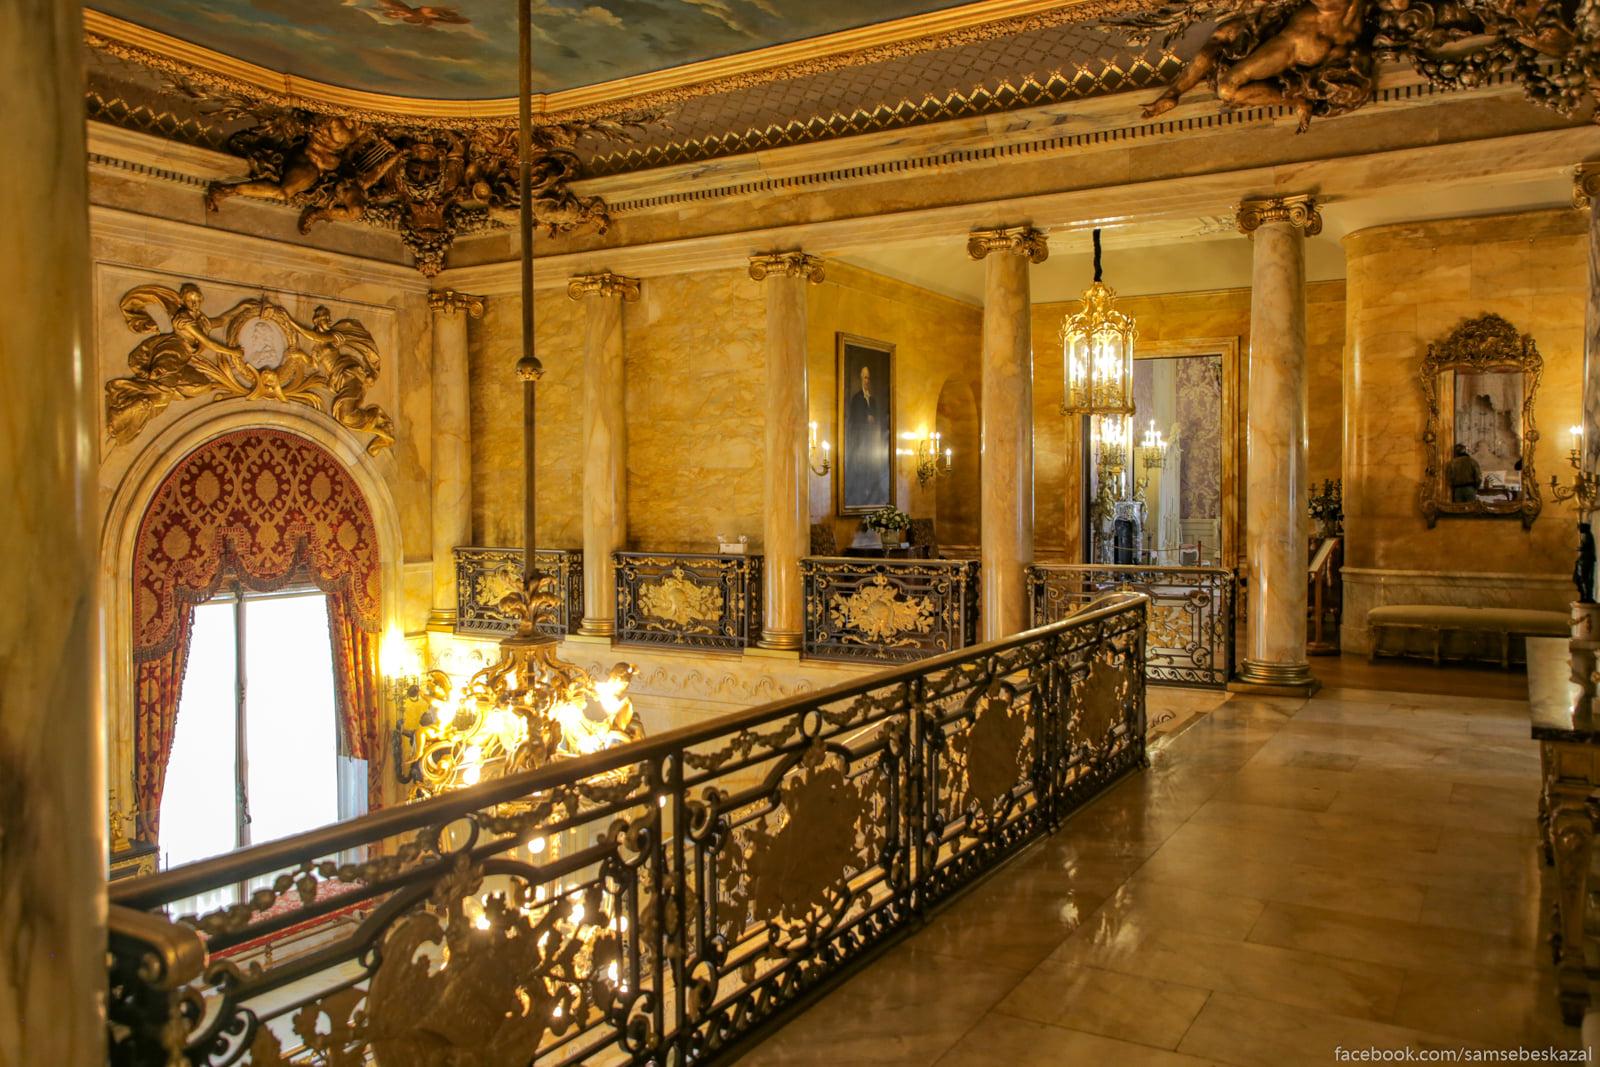 Посмотрел я известное видео про дворец в Геленджике и можно сказать даже Prostranstvo vtorogo...